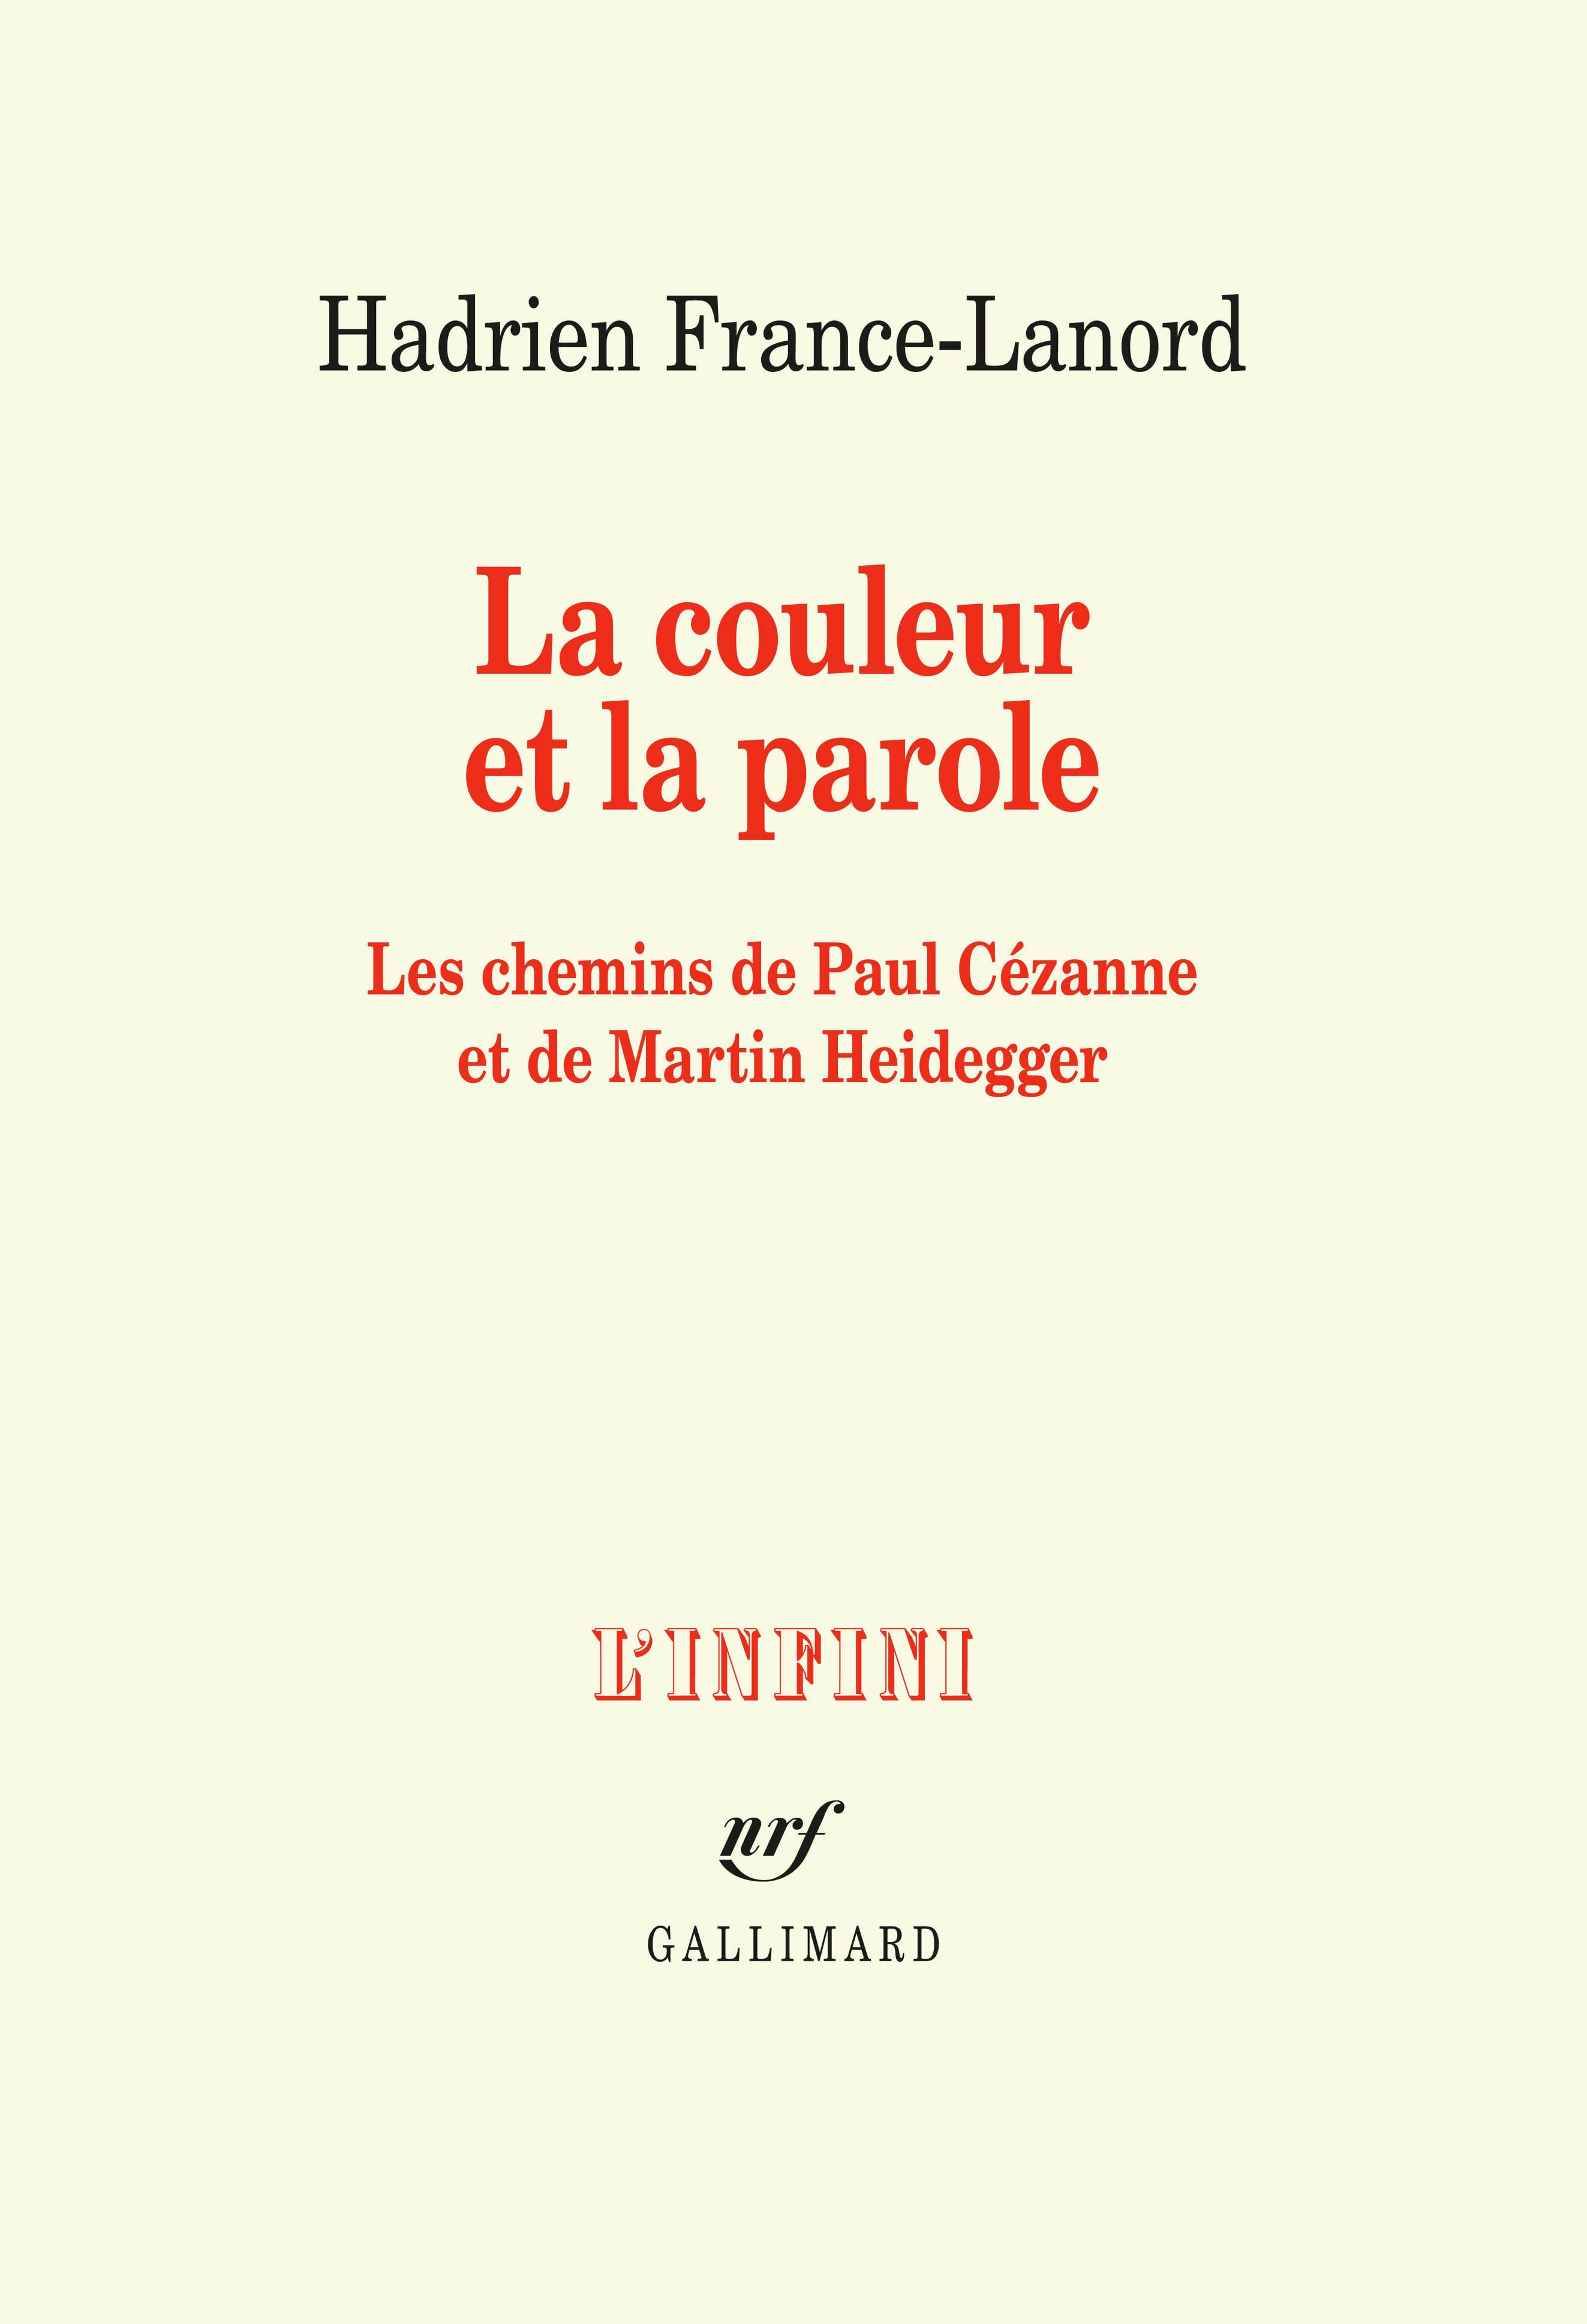 H. France-Lanord,  La couleur et la parole. Les chemins de Paul Cézanne et de Martin Heidegger